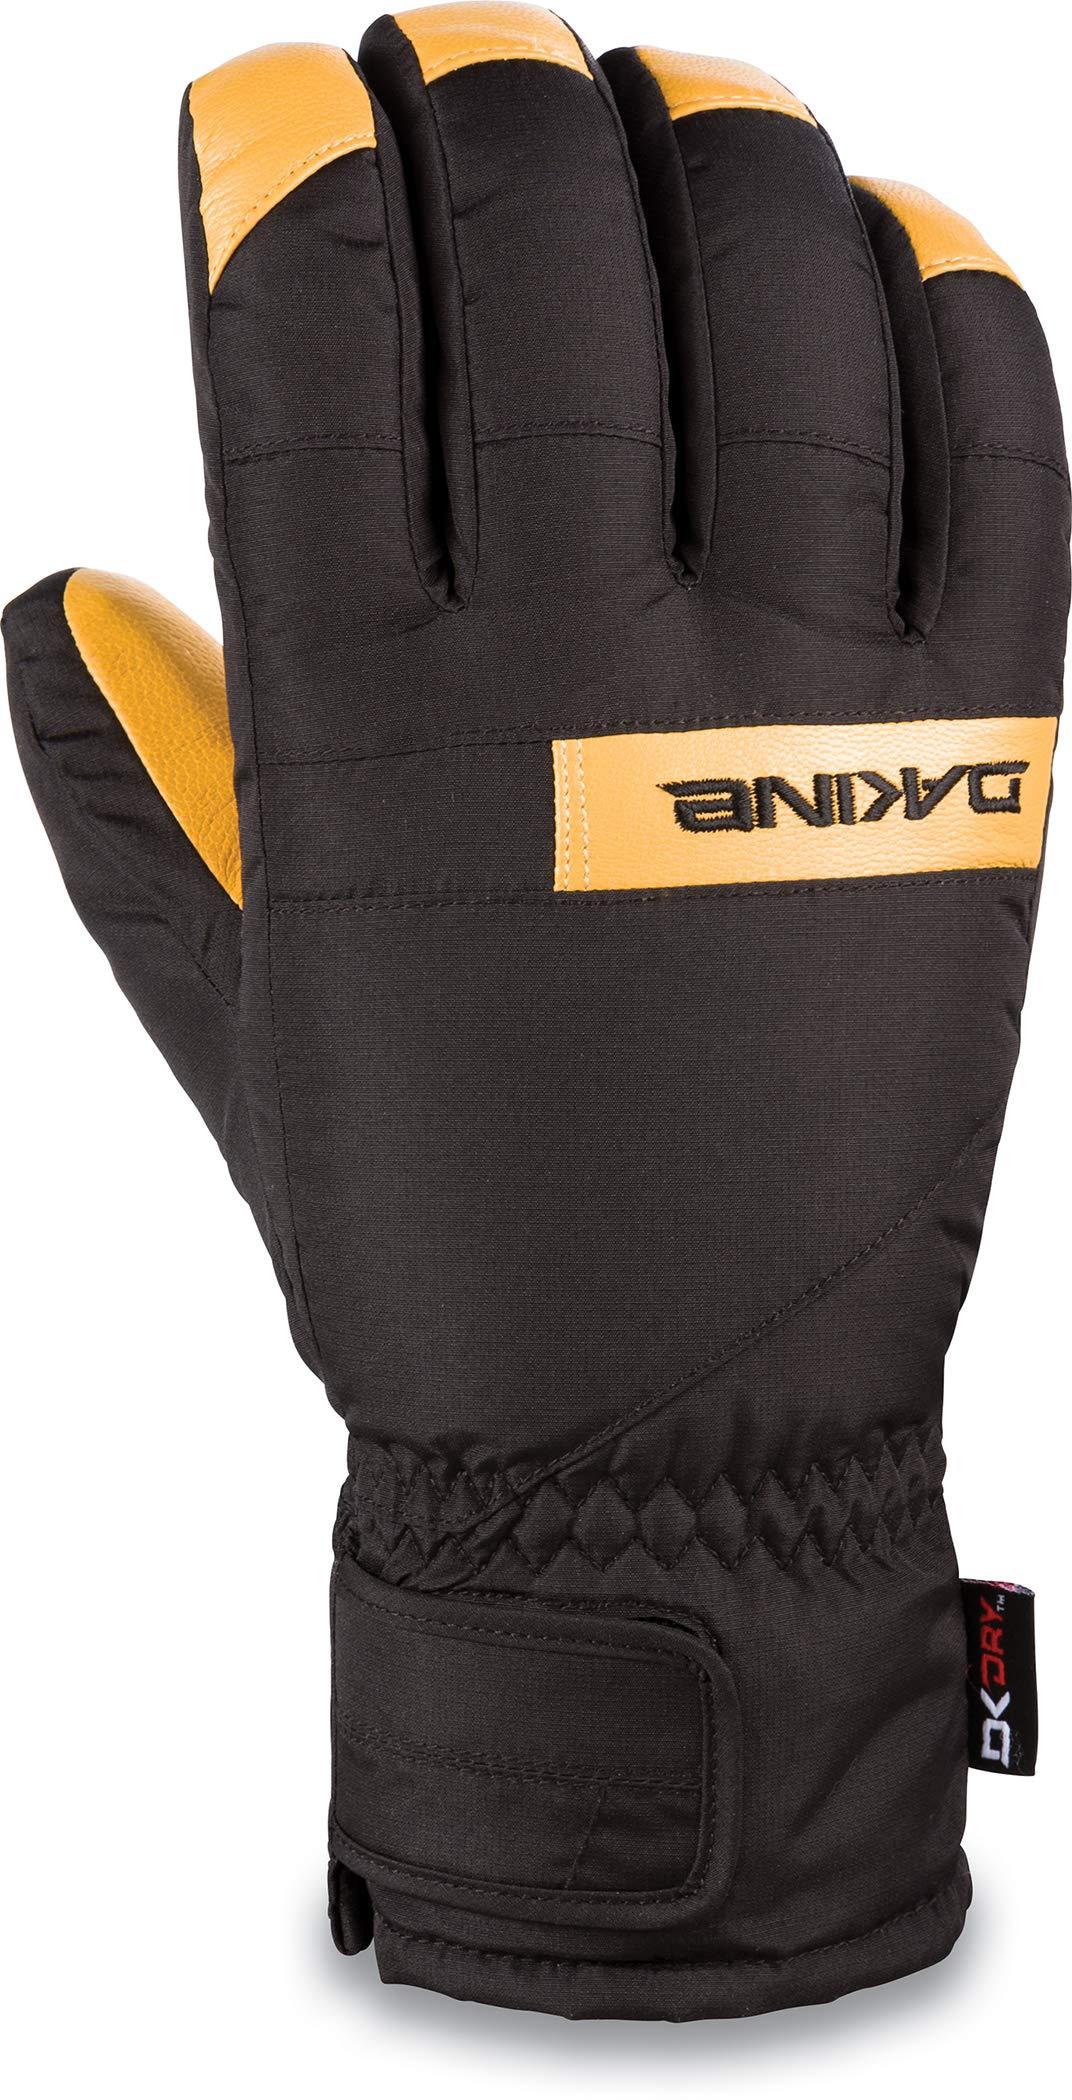 Dakine Nova Glove L Snow Global, blacktan